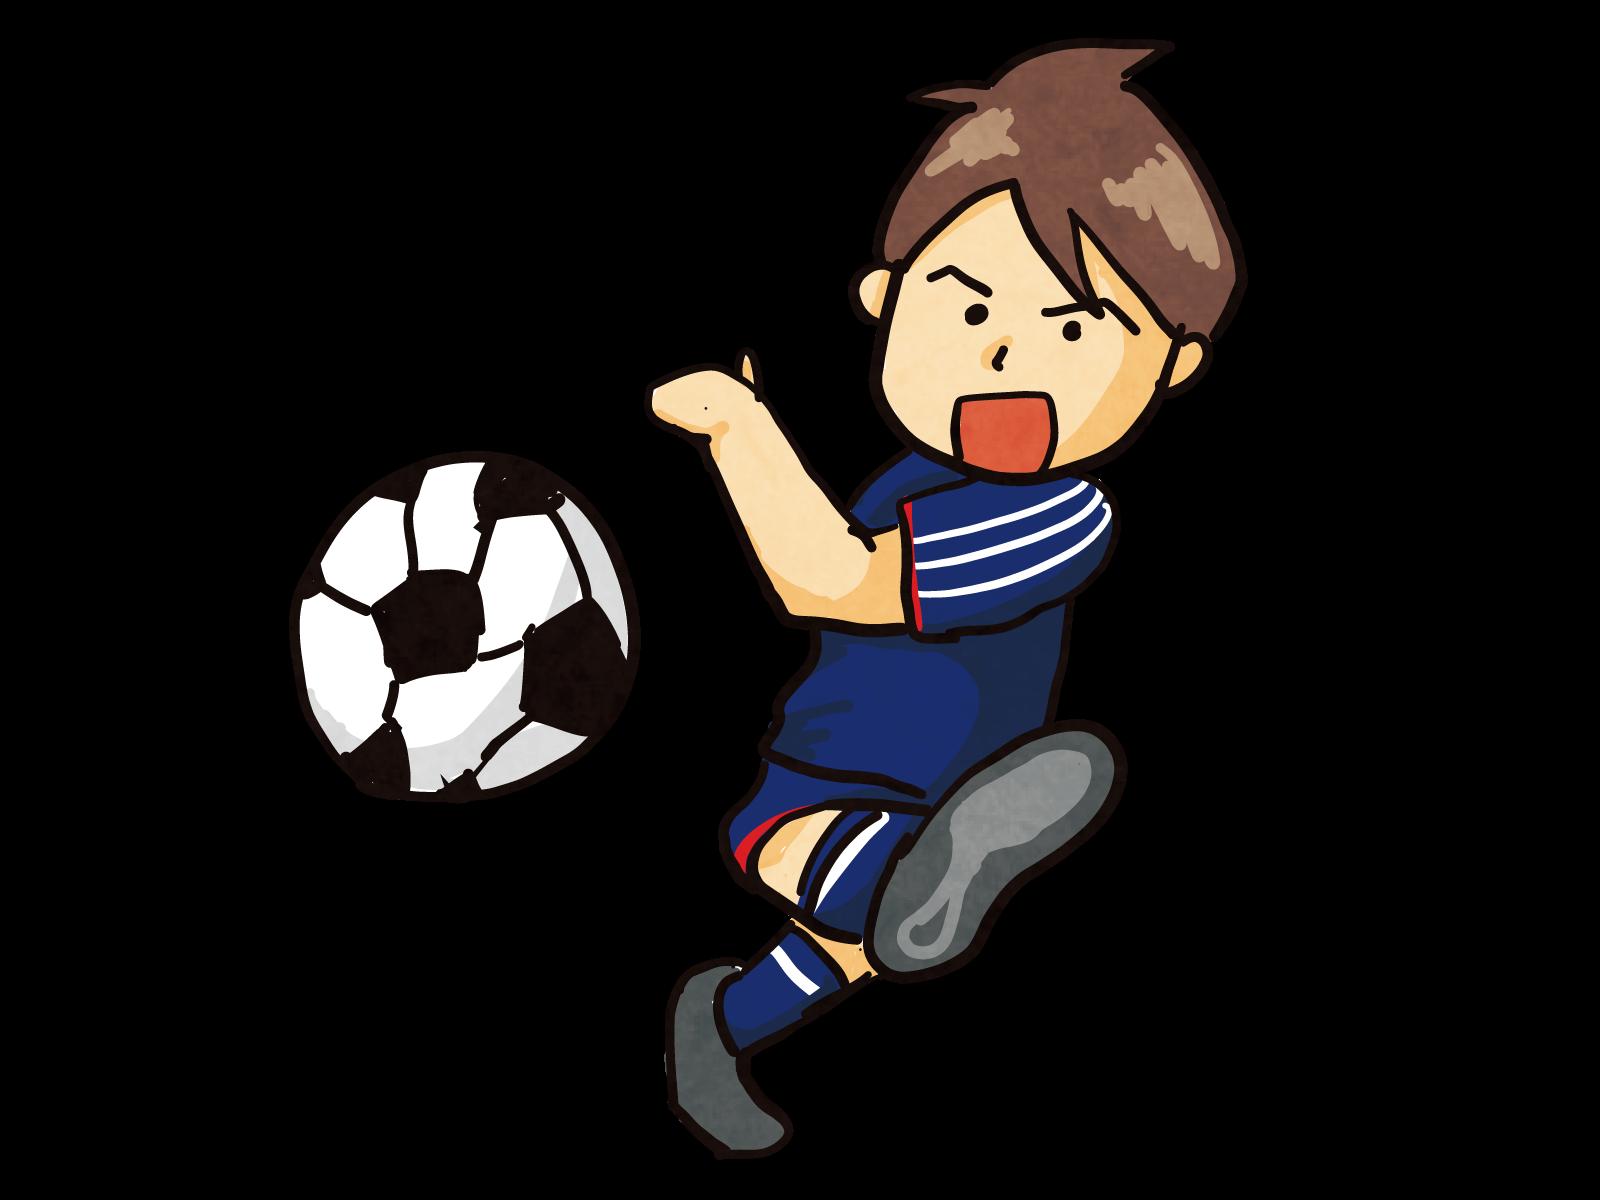 「サッカーイラスト」の画像検索結果